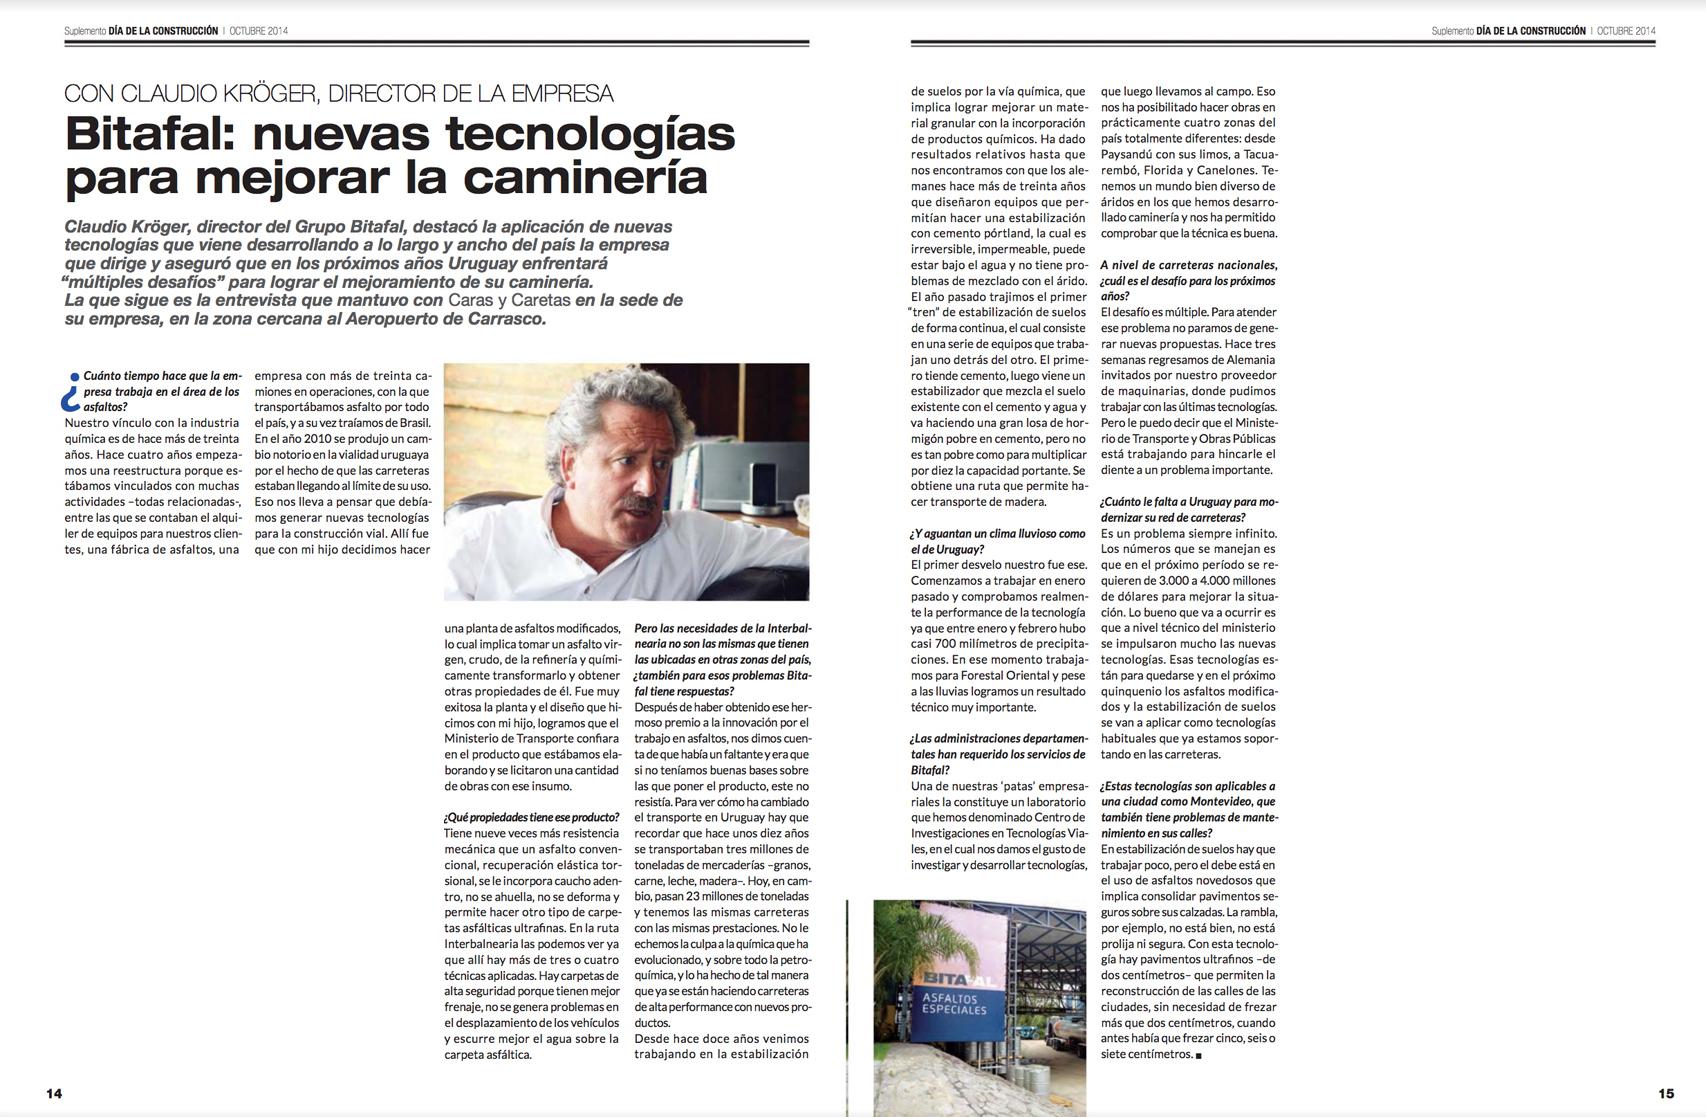 Bitafal: nuevas tecnologías para mejorar la camineria